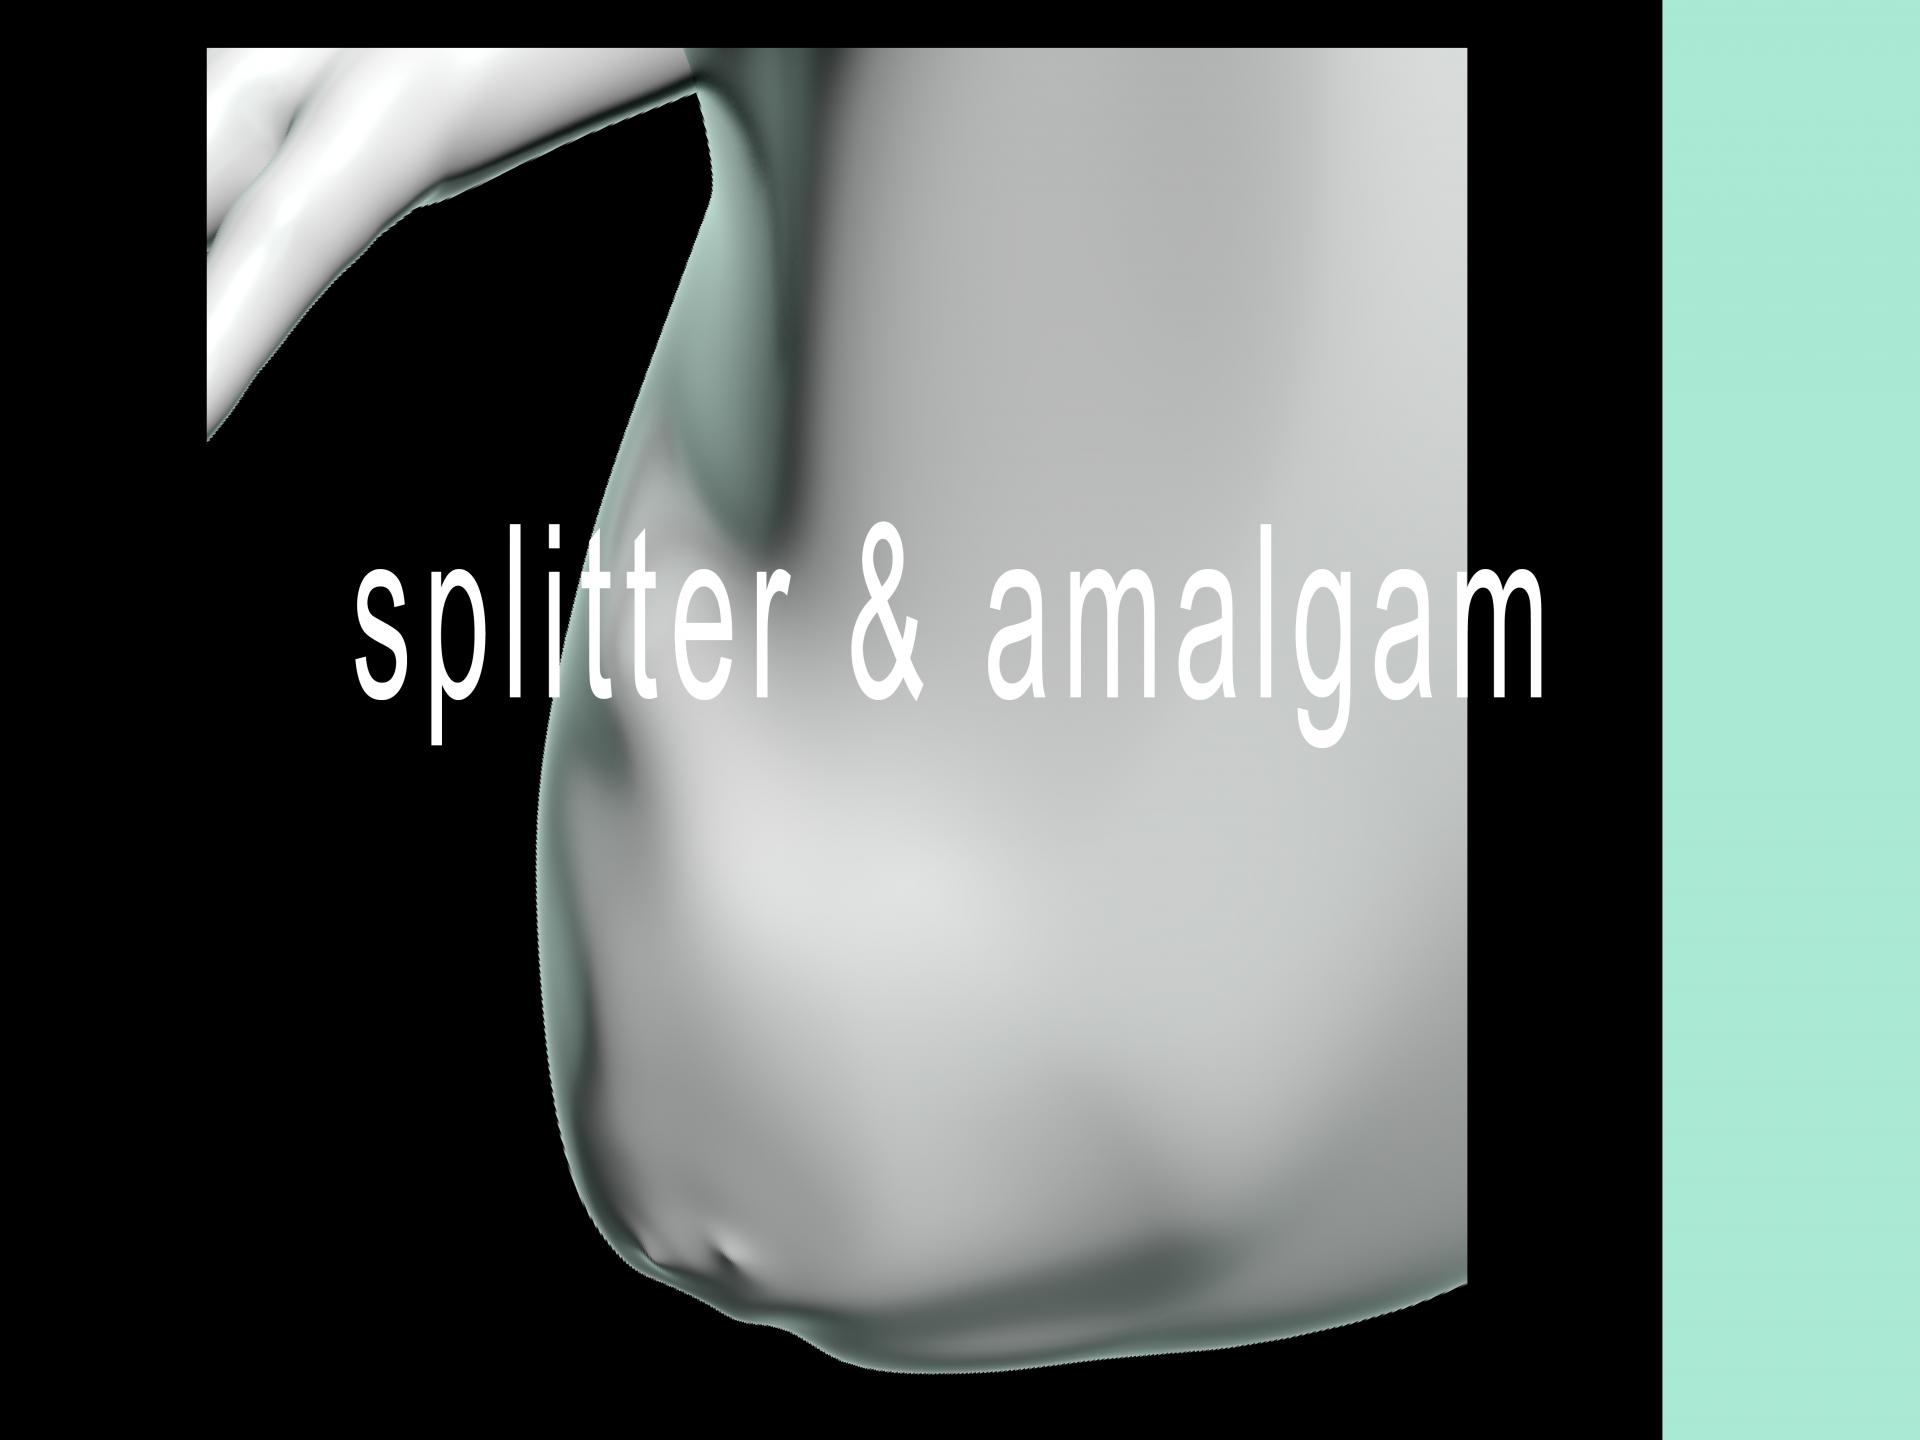 DIE DIGITALE DÜSSELDORF splitter & amalgam – die ausstellung